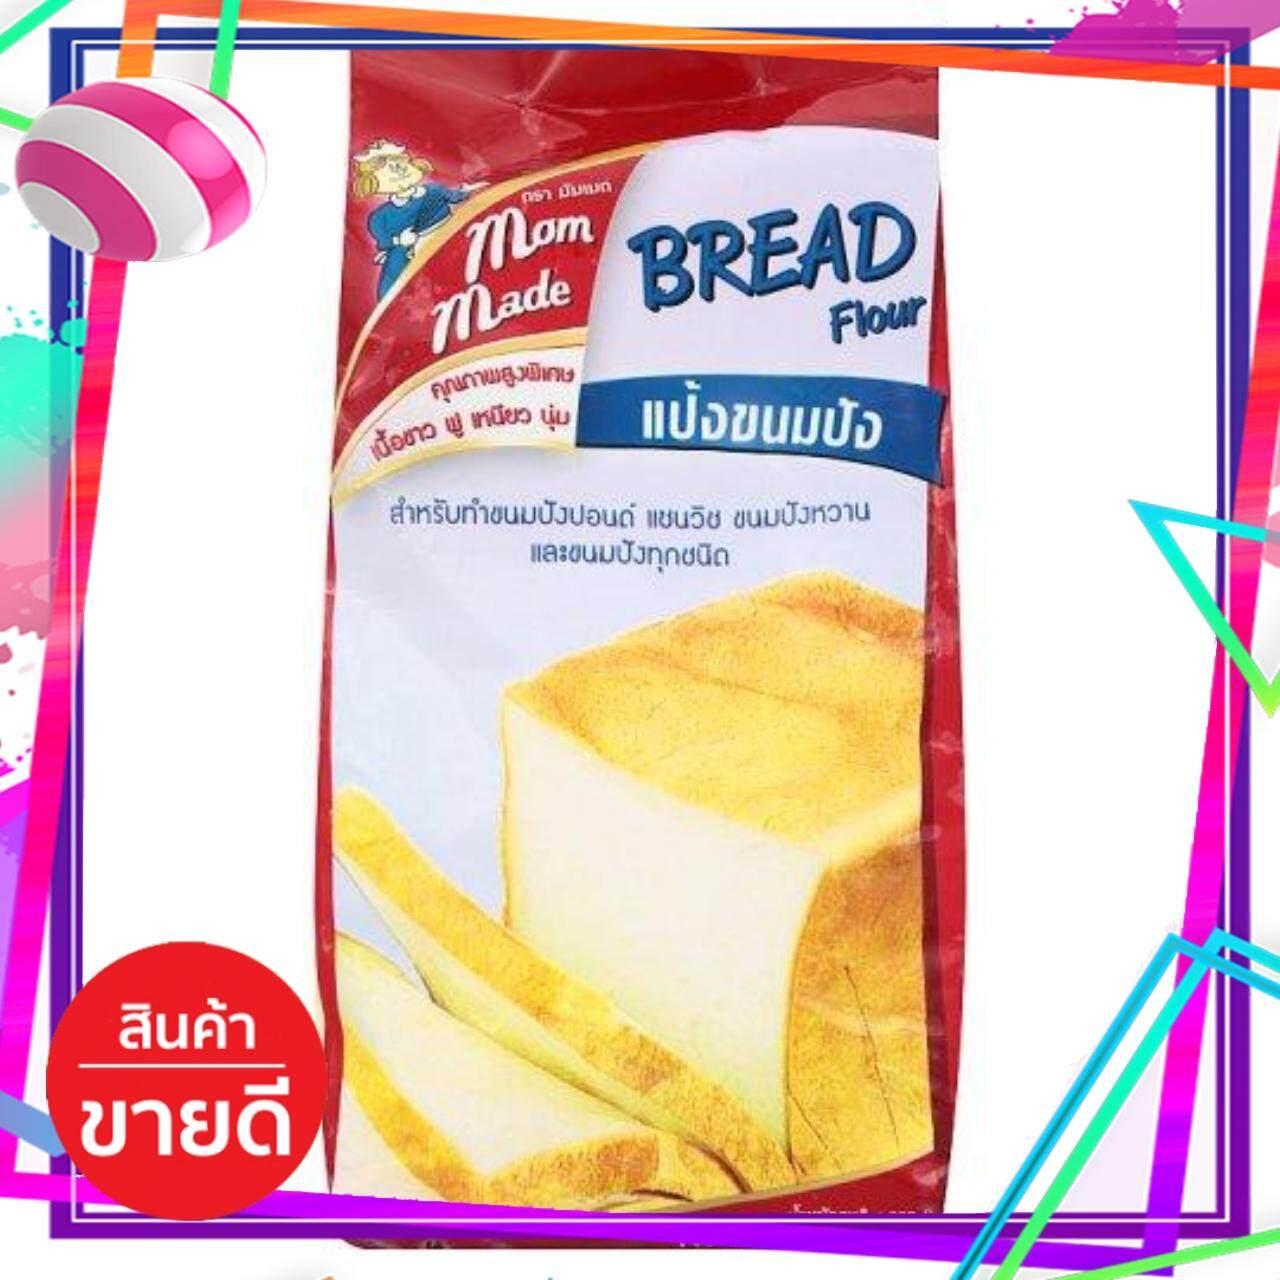 Pricetag มัมเมด แป้งขนมปัง 1000กรัม ส่วนผสมสำหรับทำขนม เนย มาการีน เยลลี่ เจลาติน ขนมหวาน แป้ง น้ำตาลสำหรับทำขนม ผลิตภัณฑ์แต่งหน้าขนม ส่วนผสมขนม ของแท้ 100% ราคาถูก